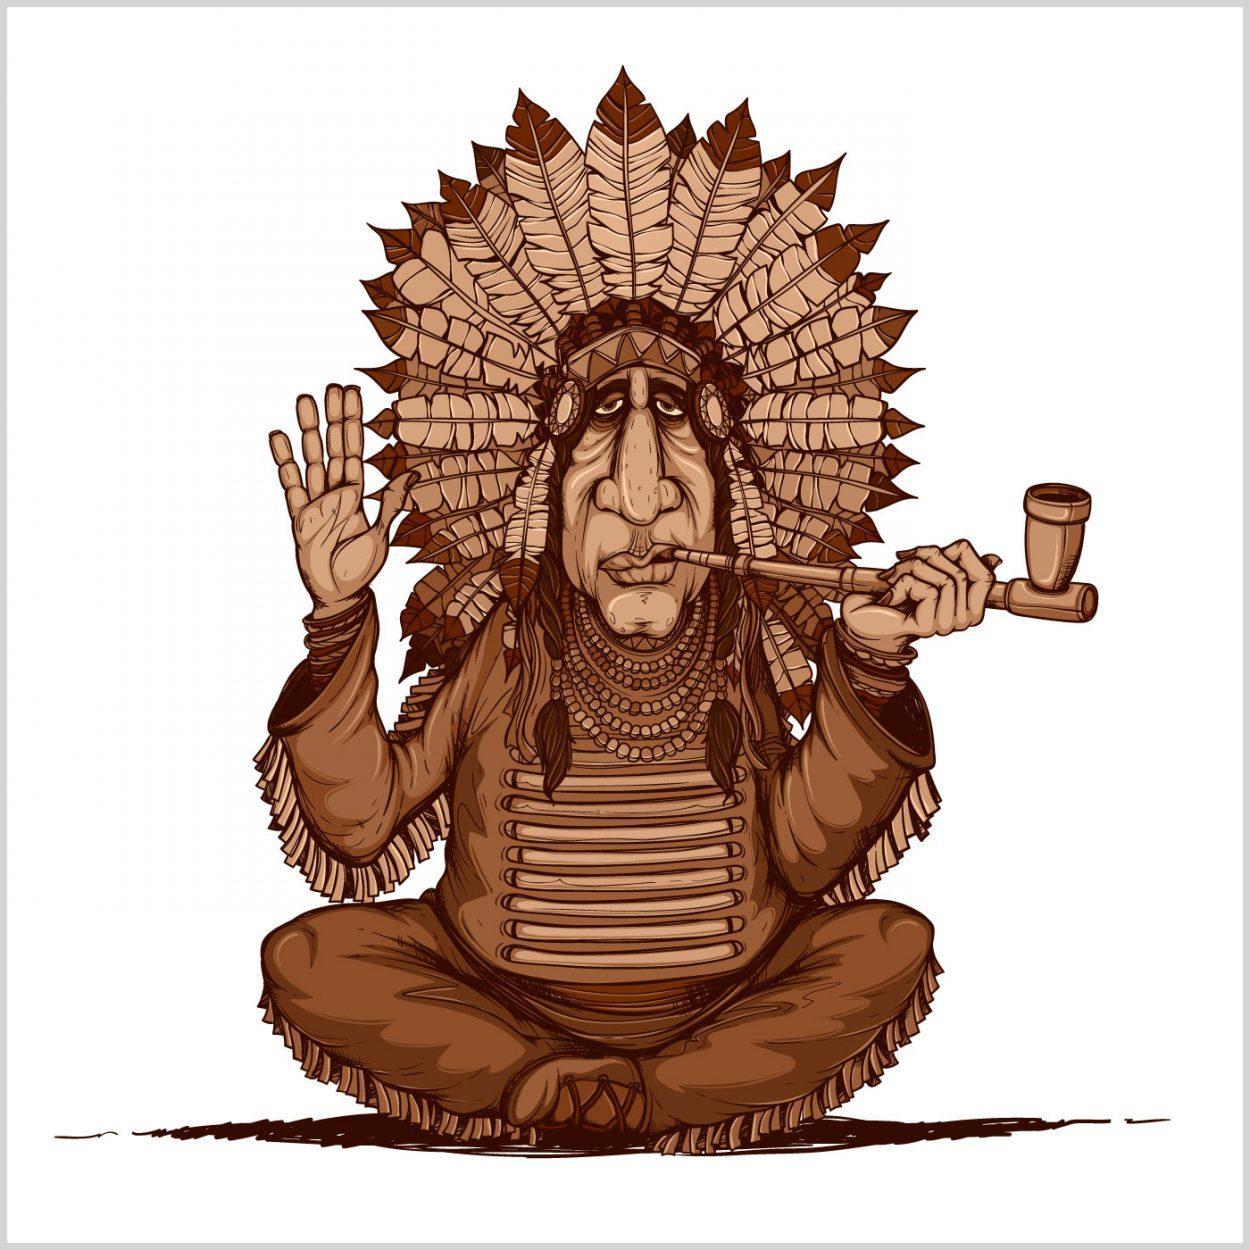 Картинки индейцев прикольные